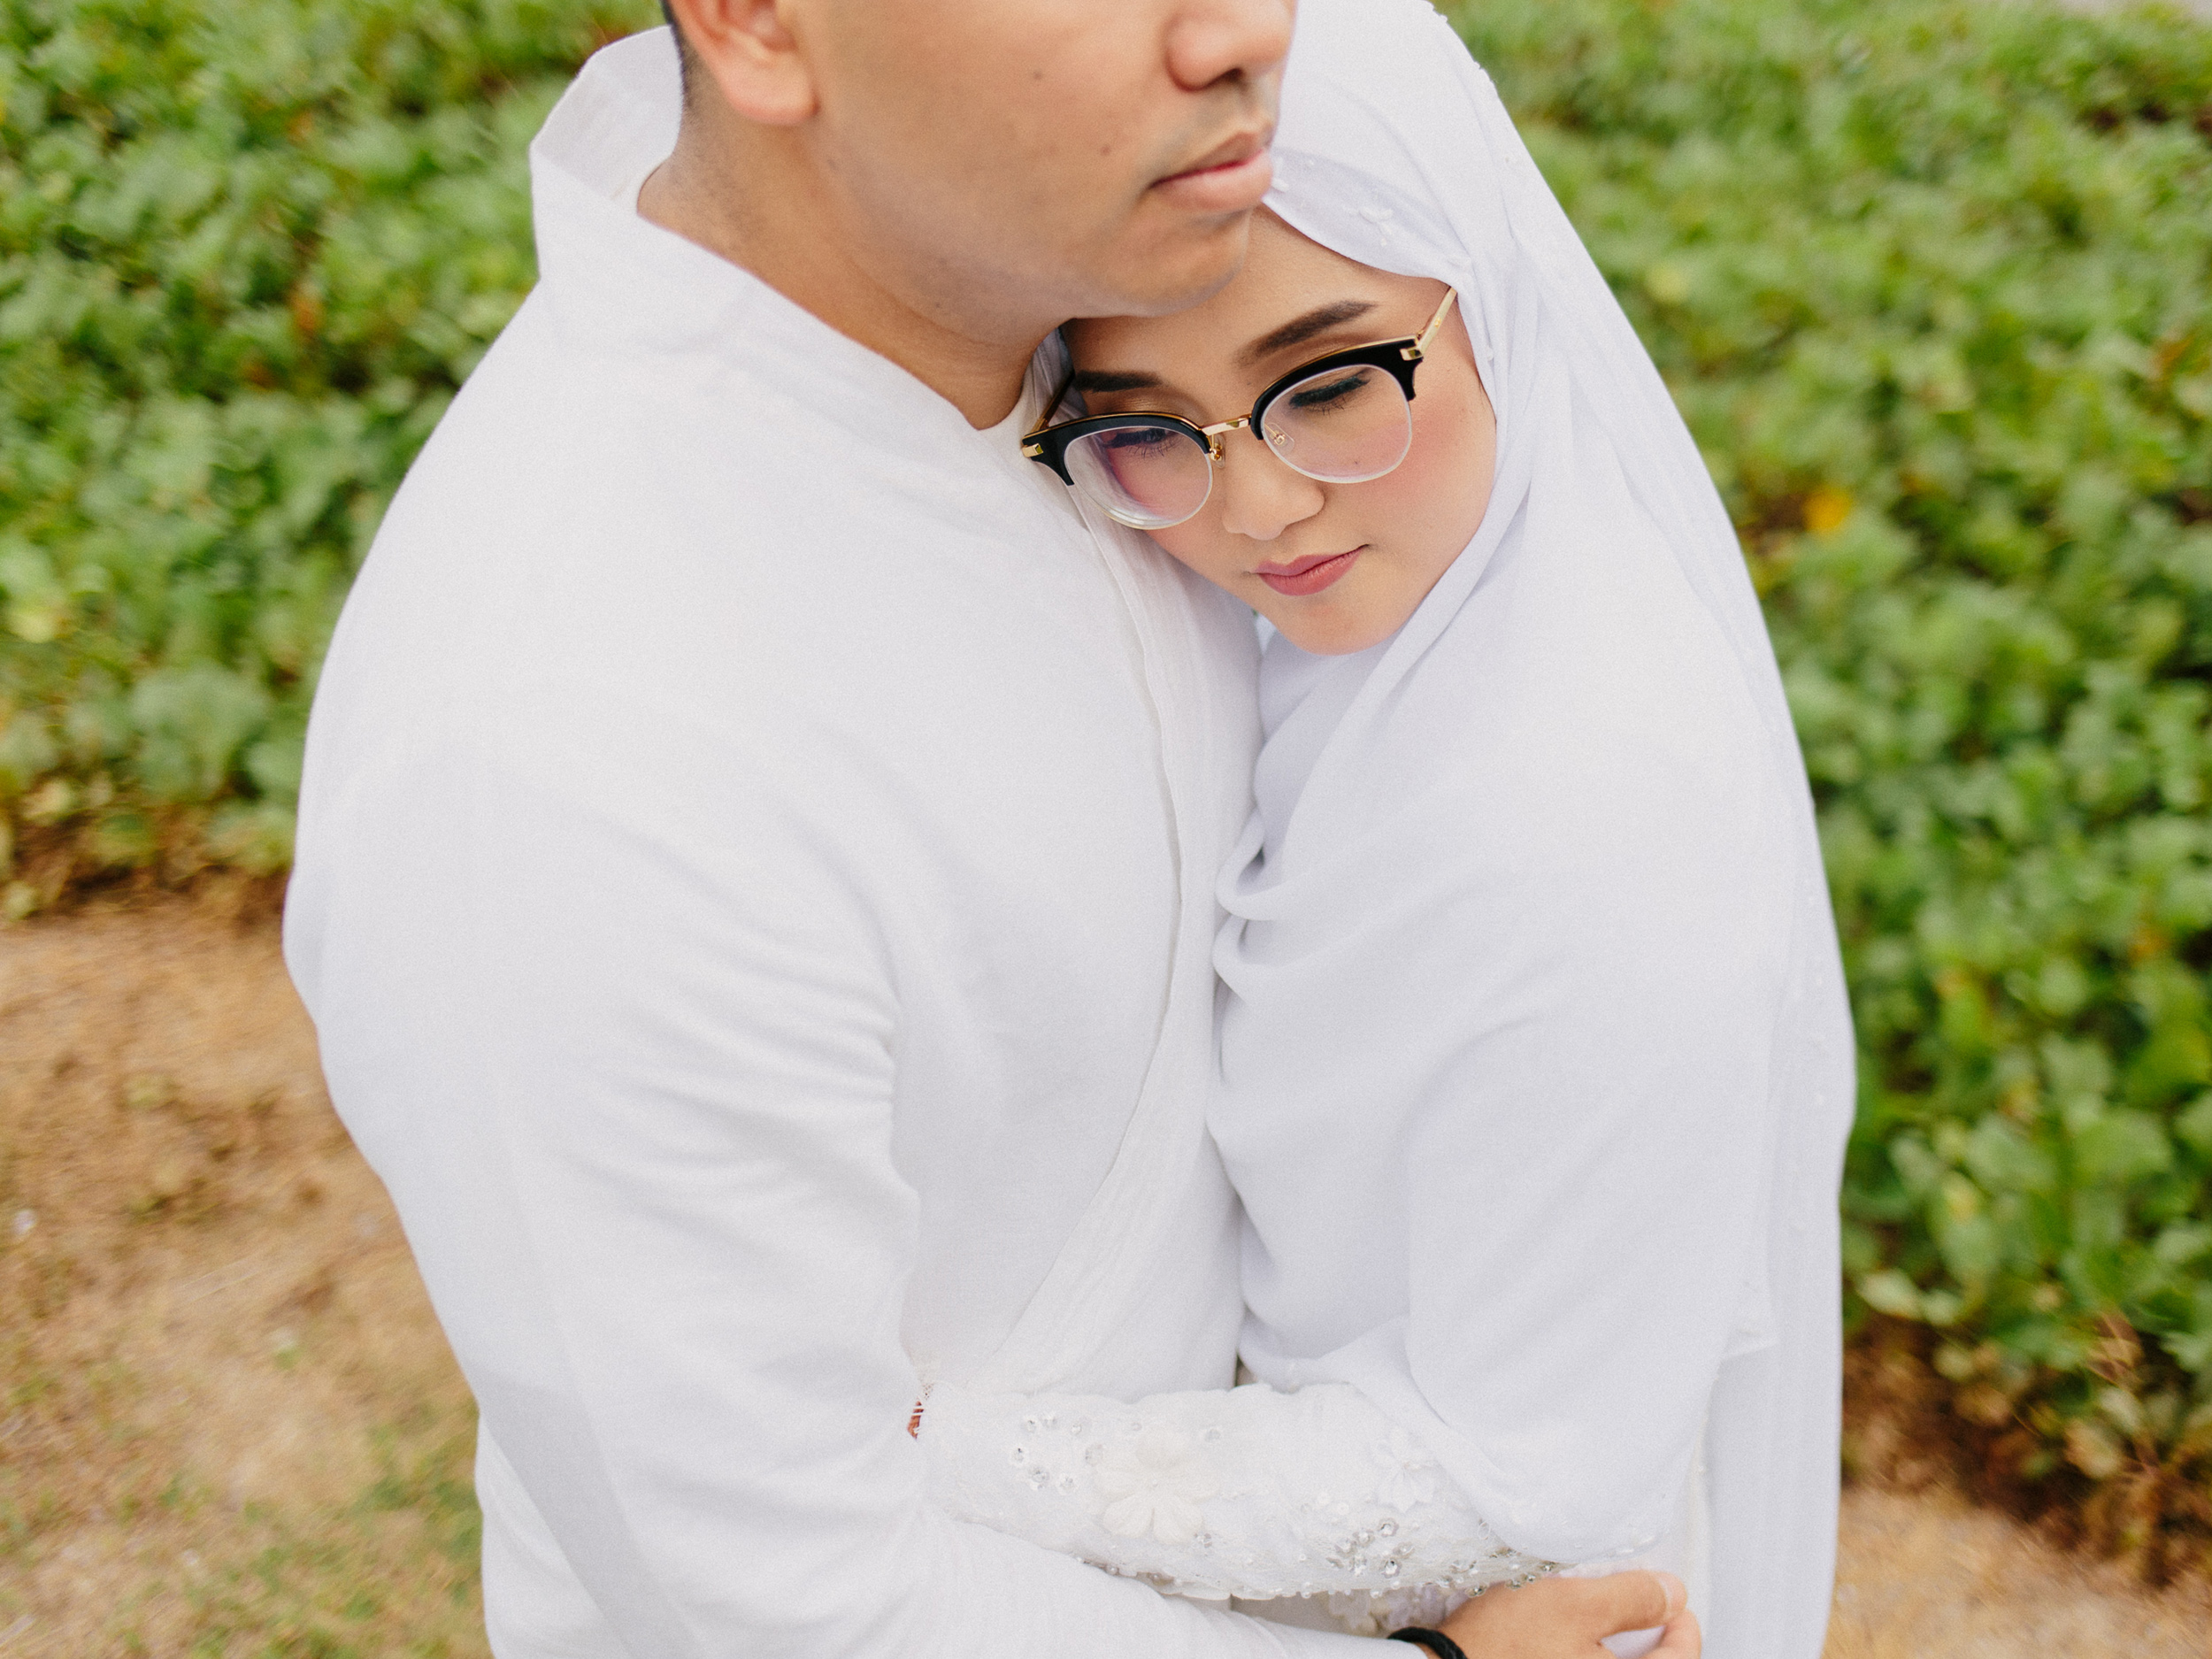 singapore-wedding-photographer-wemadethese-39.jpg